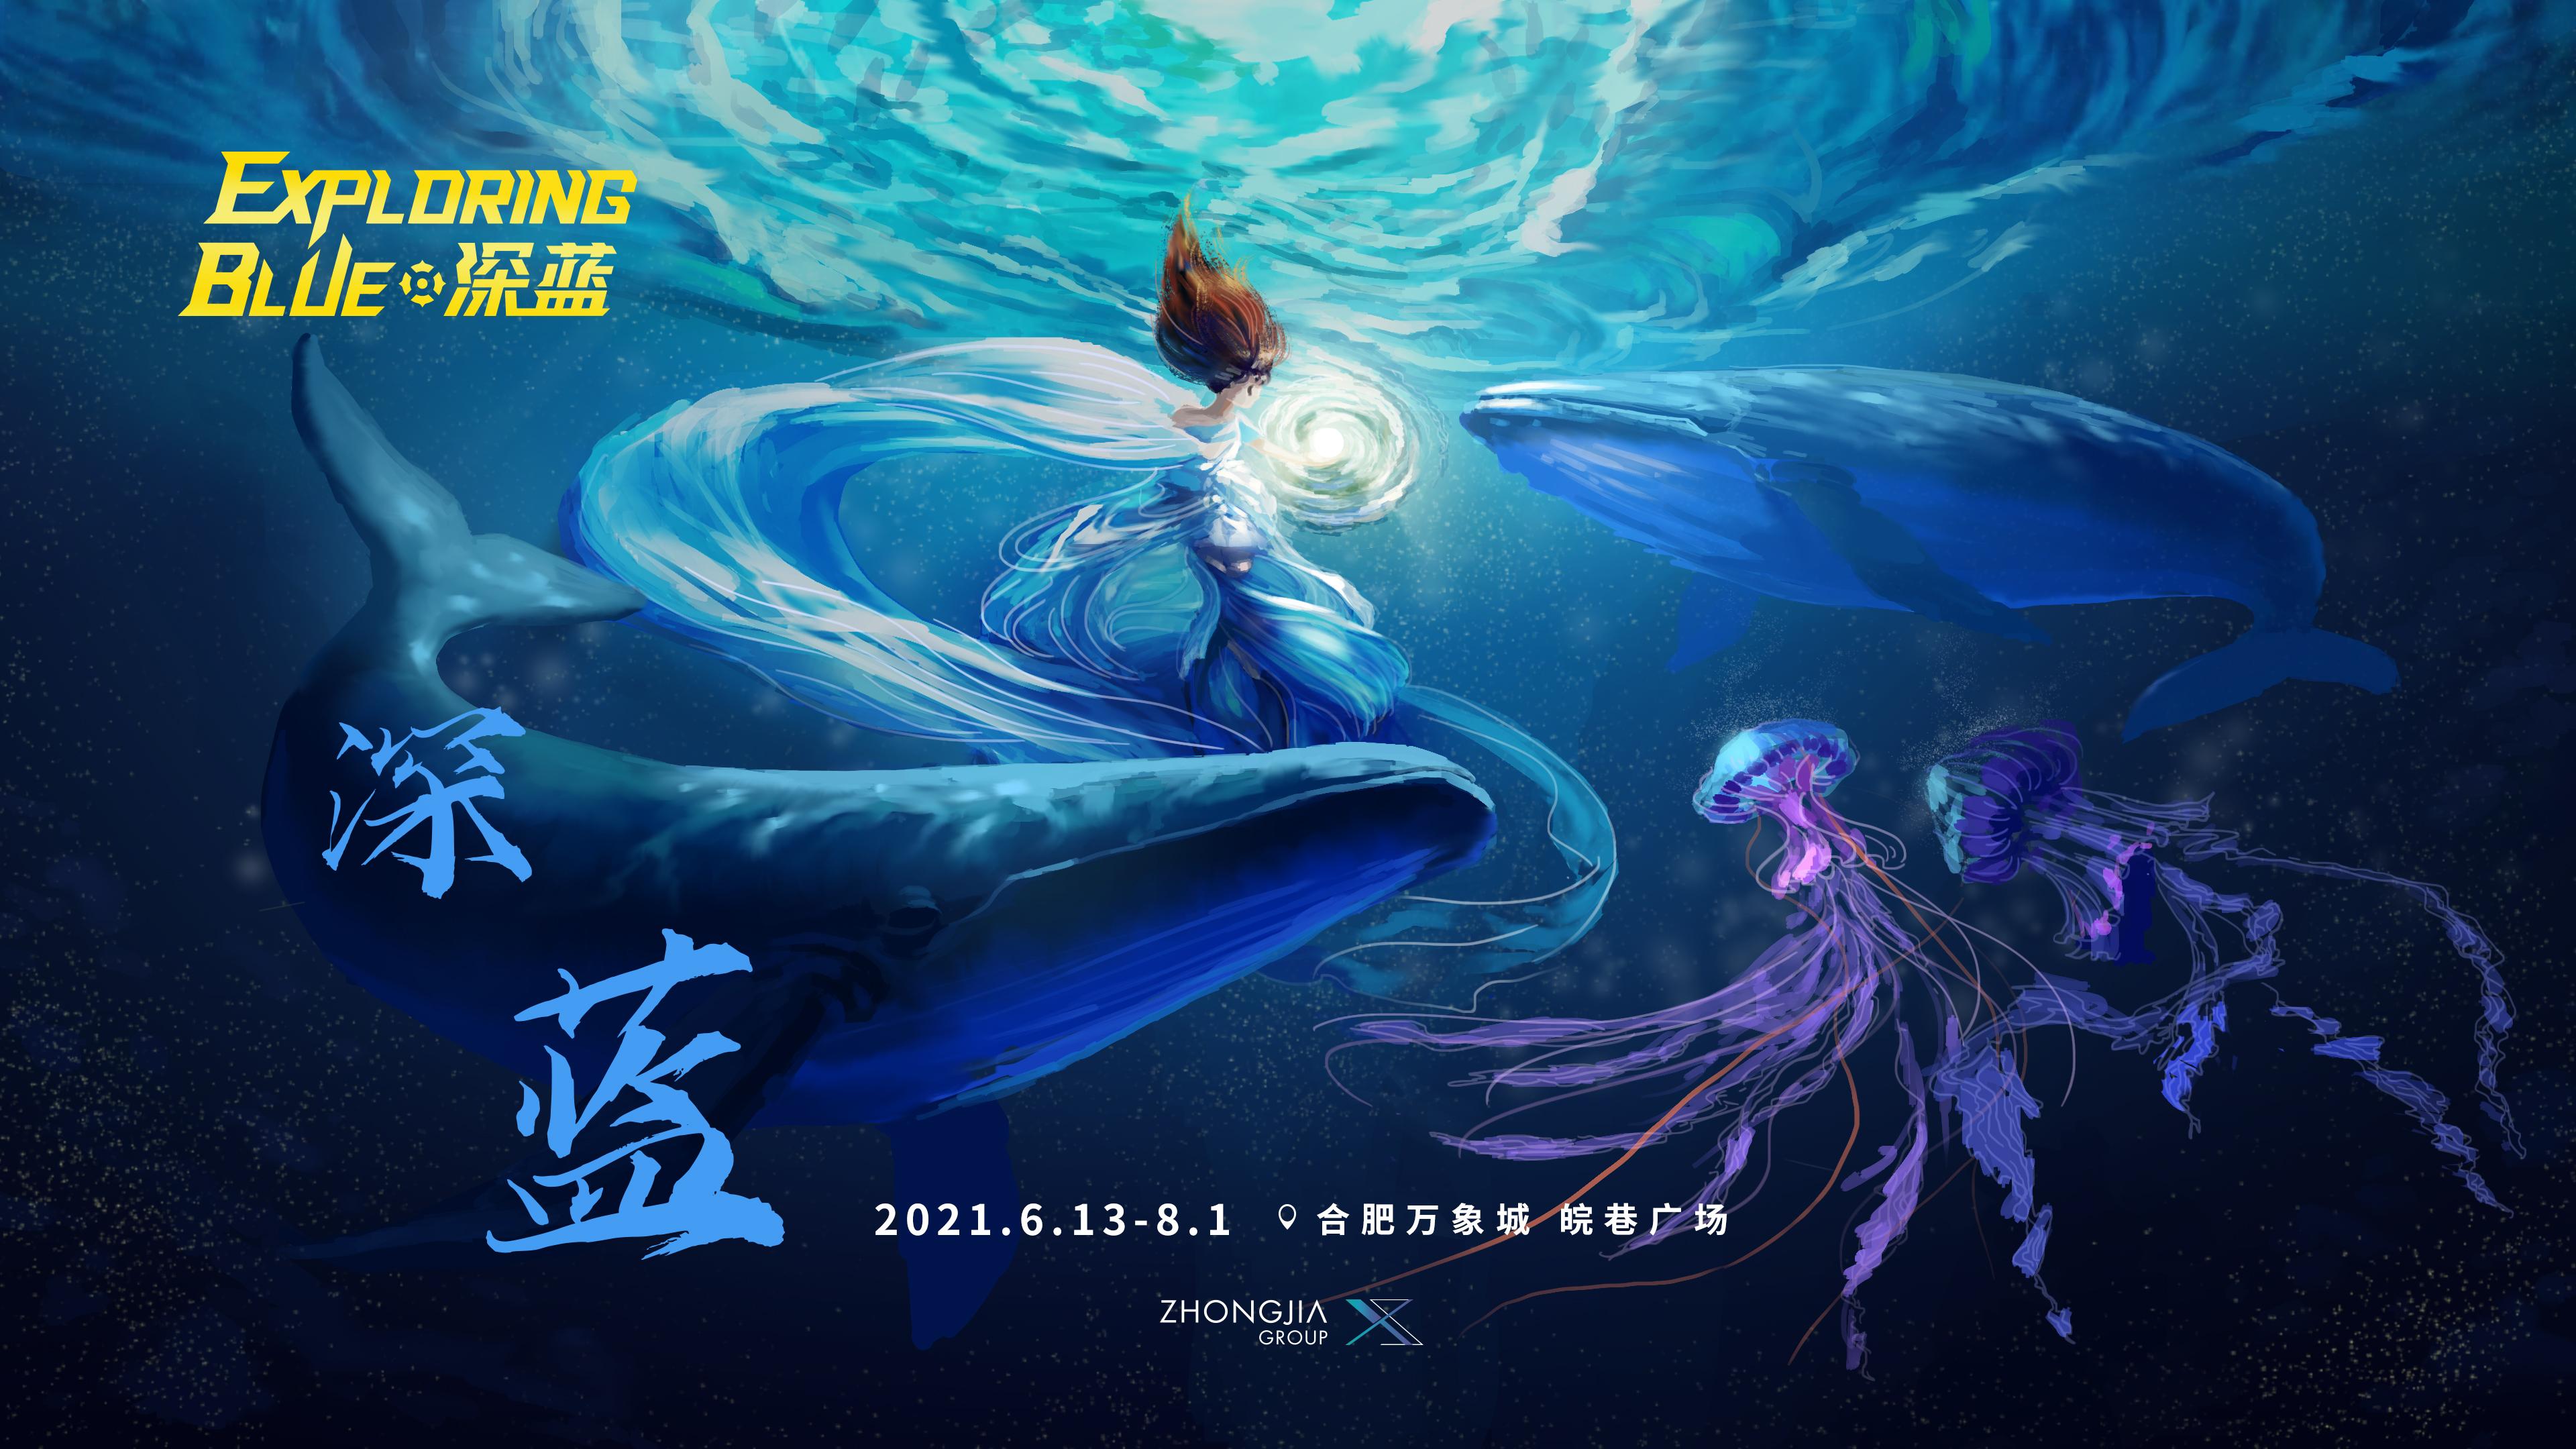 2021《深蓝》安徽首展•合肥站